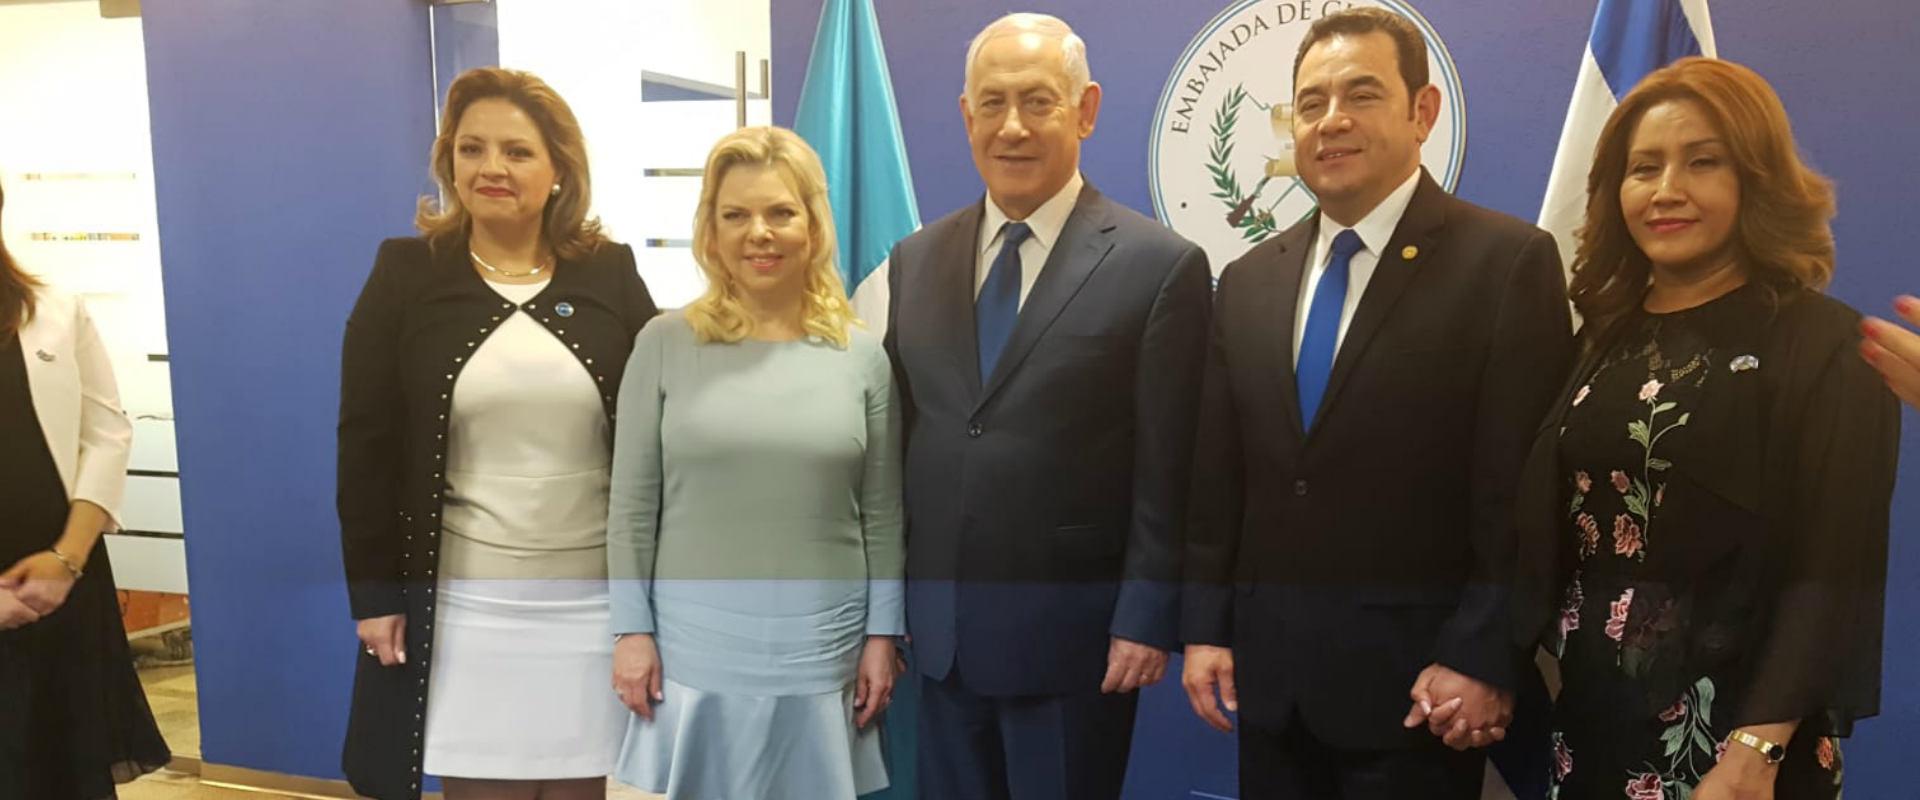 נתניהו ומוראלס יחד עם רעיותיהם בשגרירות גואטמלה